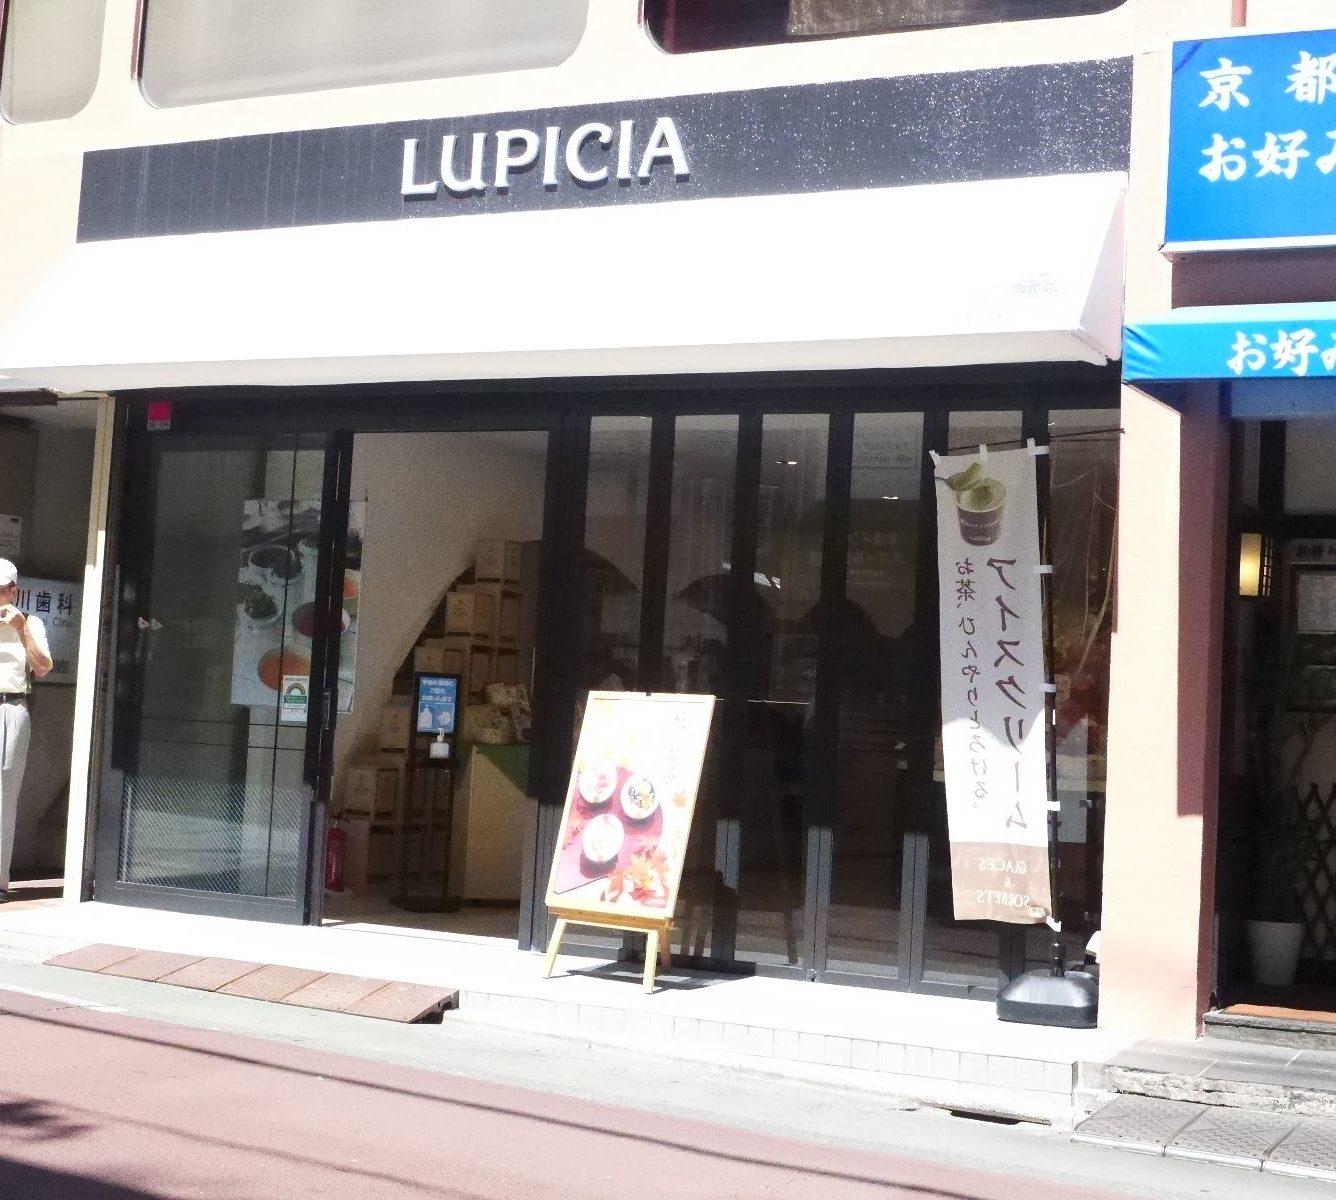 ルピシア,LUPICIA,自由が丘,紅茶,紅茶専門店,紅茶,ティー